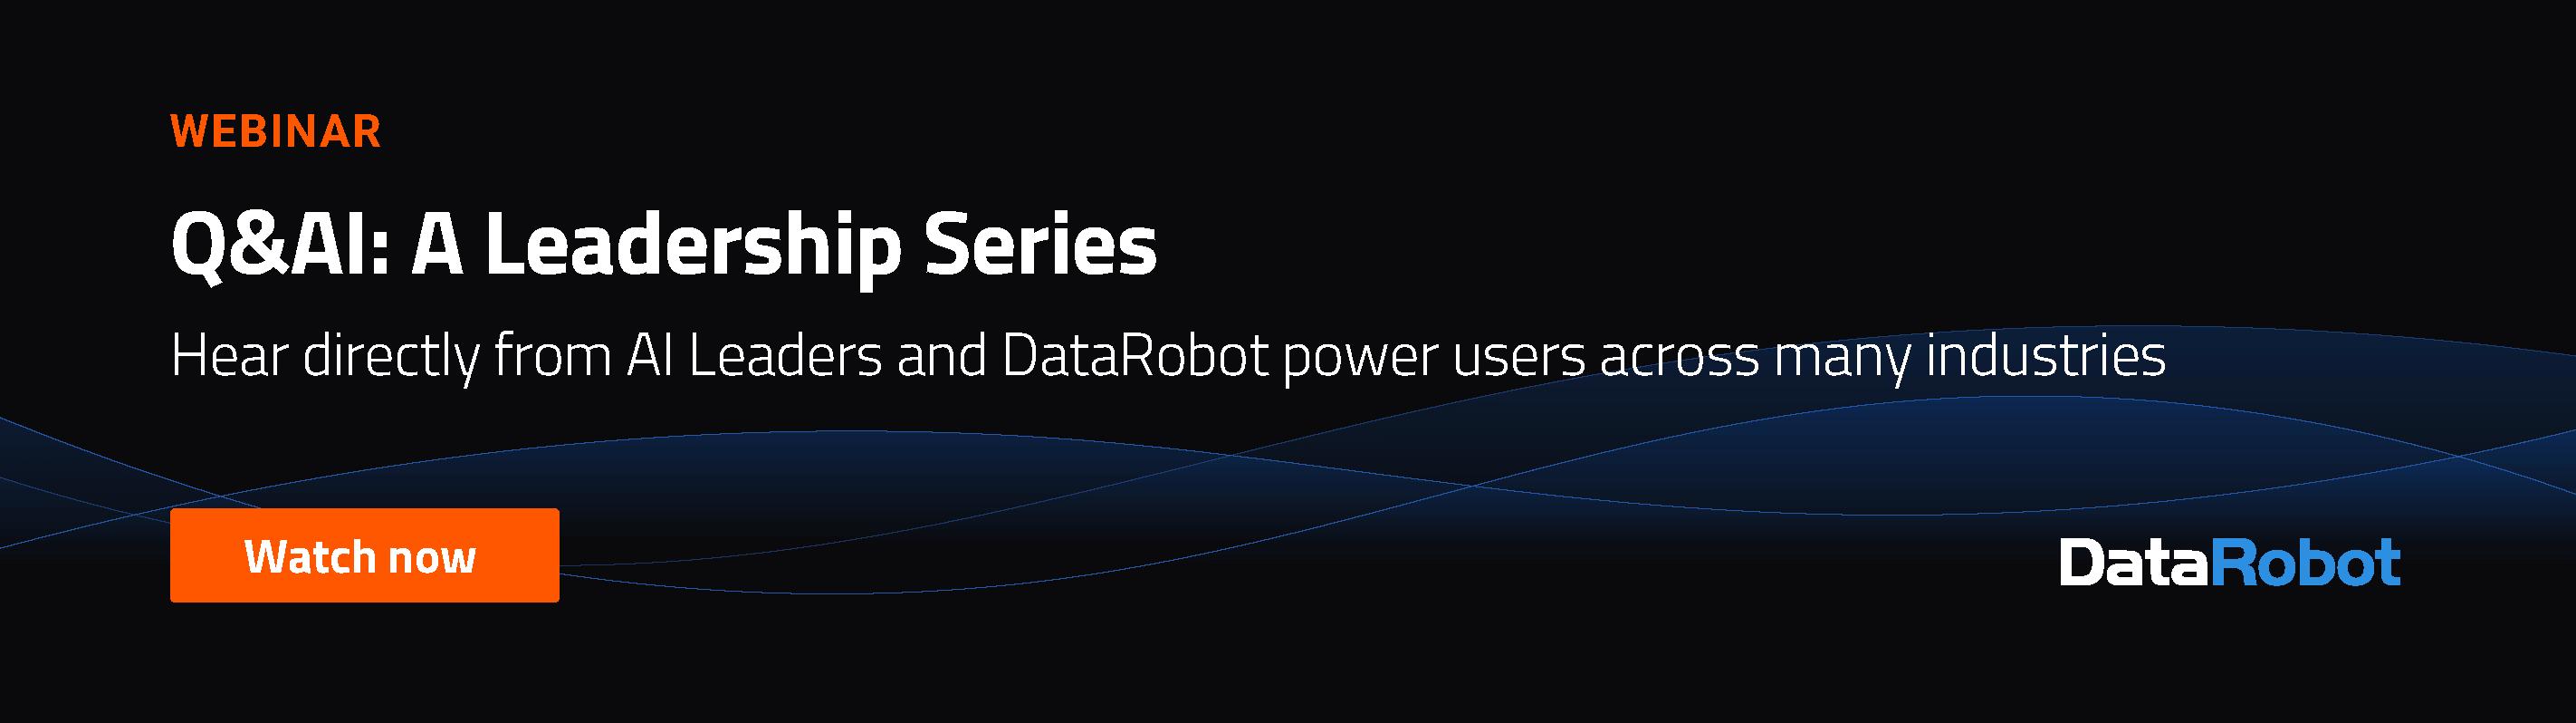 Q&AI Leadership Webinar Series